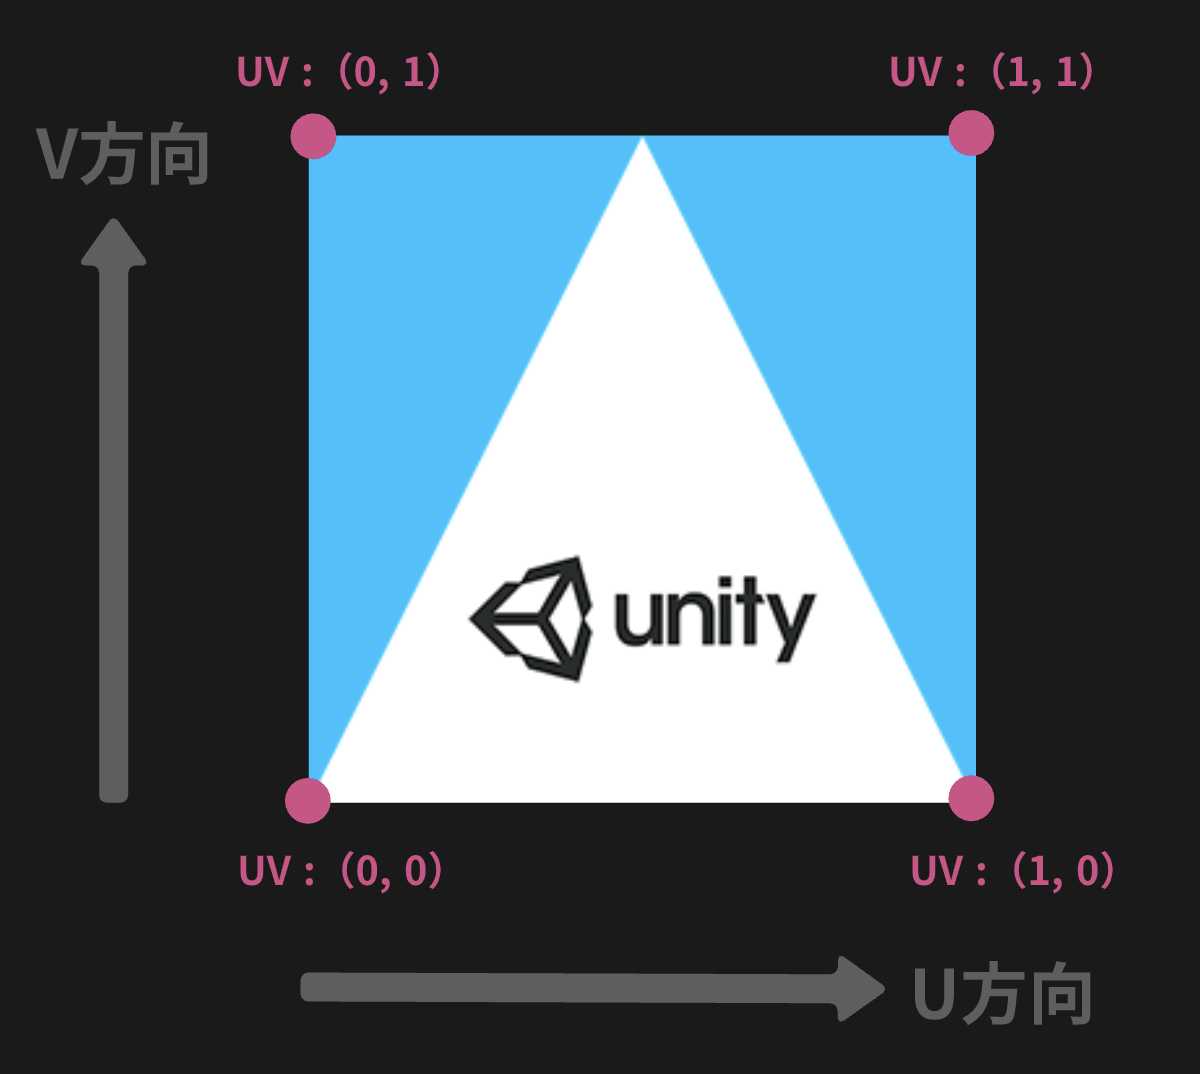 【超基本編】UV座標を理解して三角形に画像を貼る_7